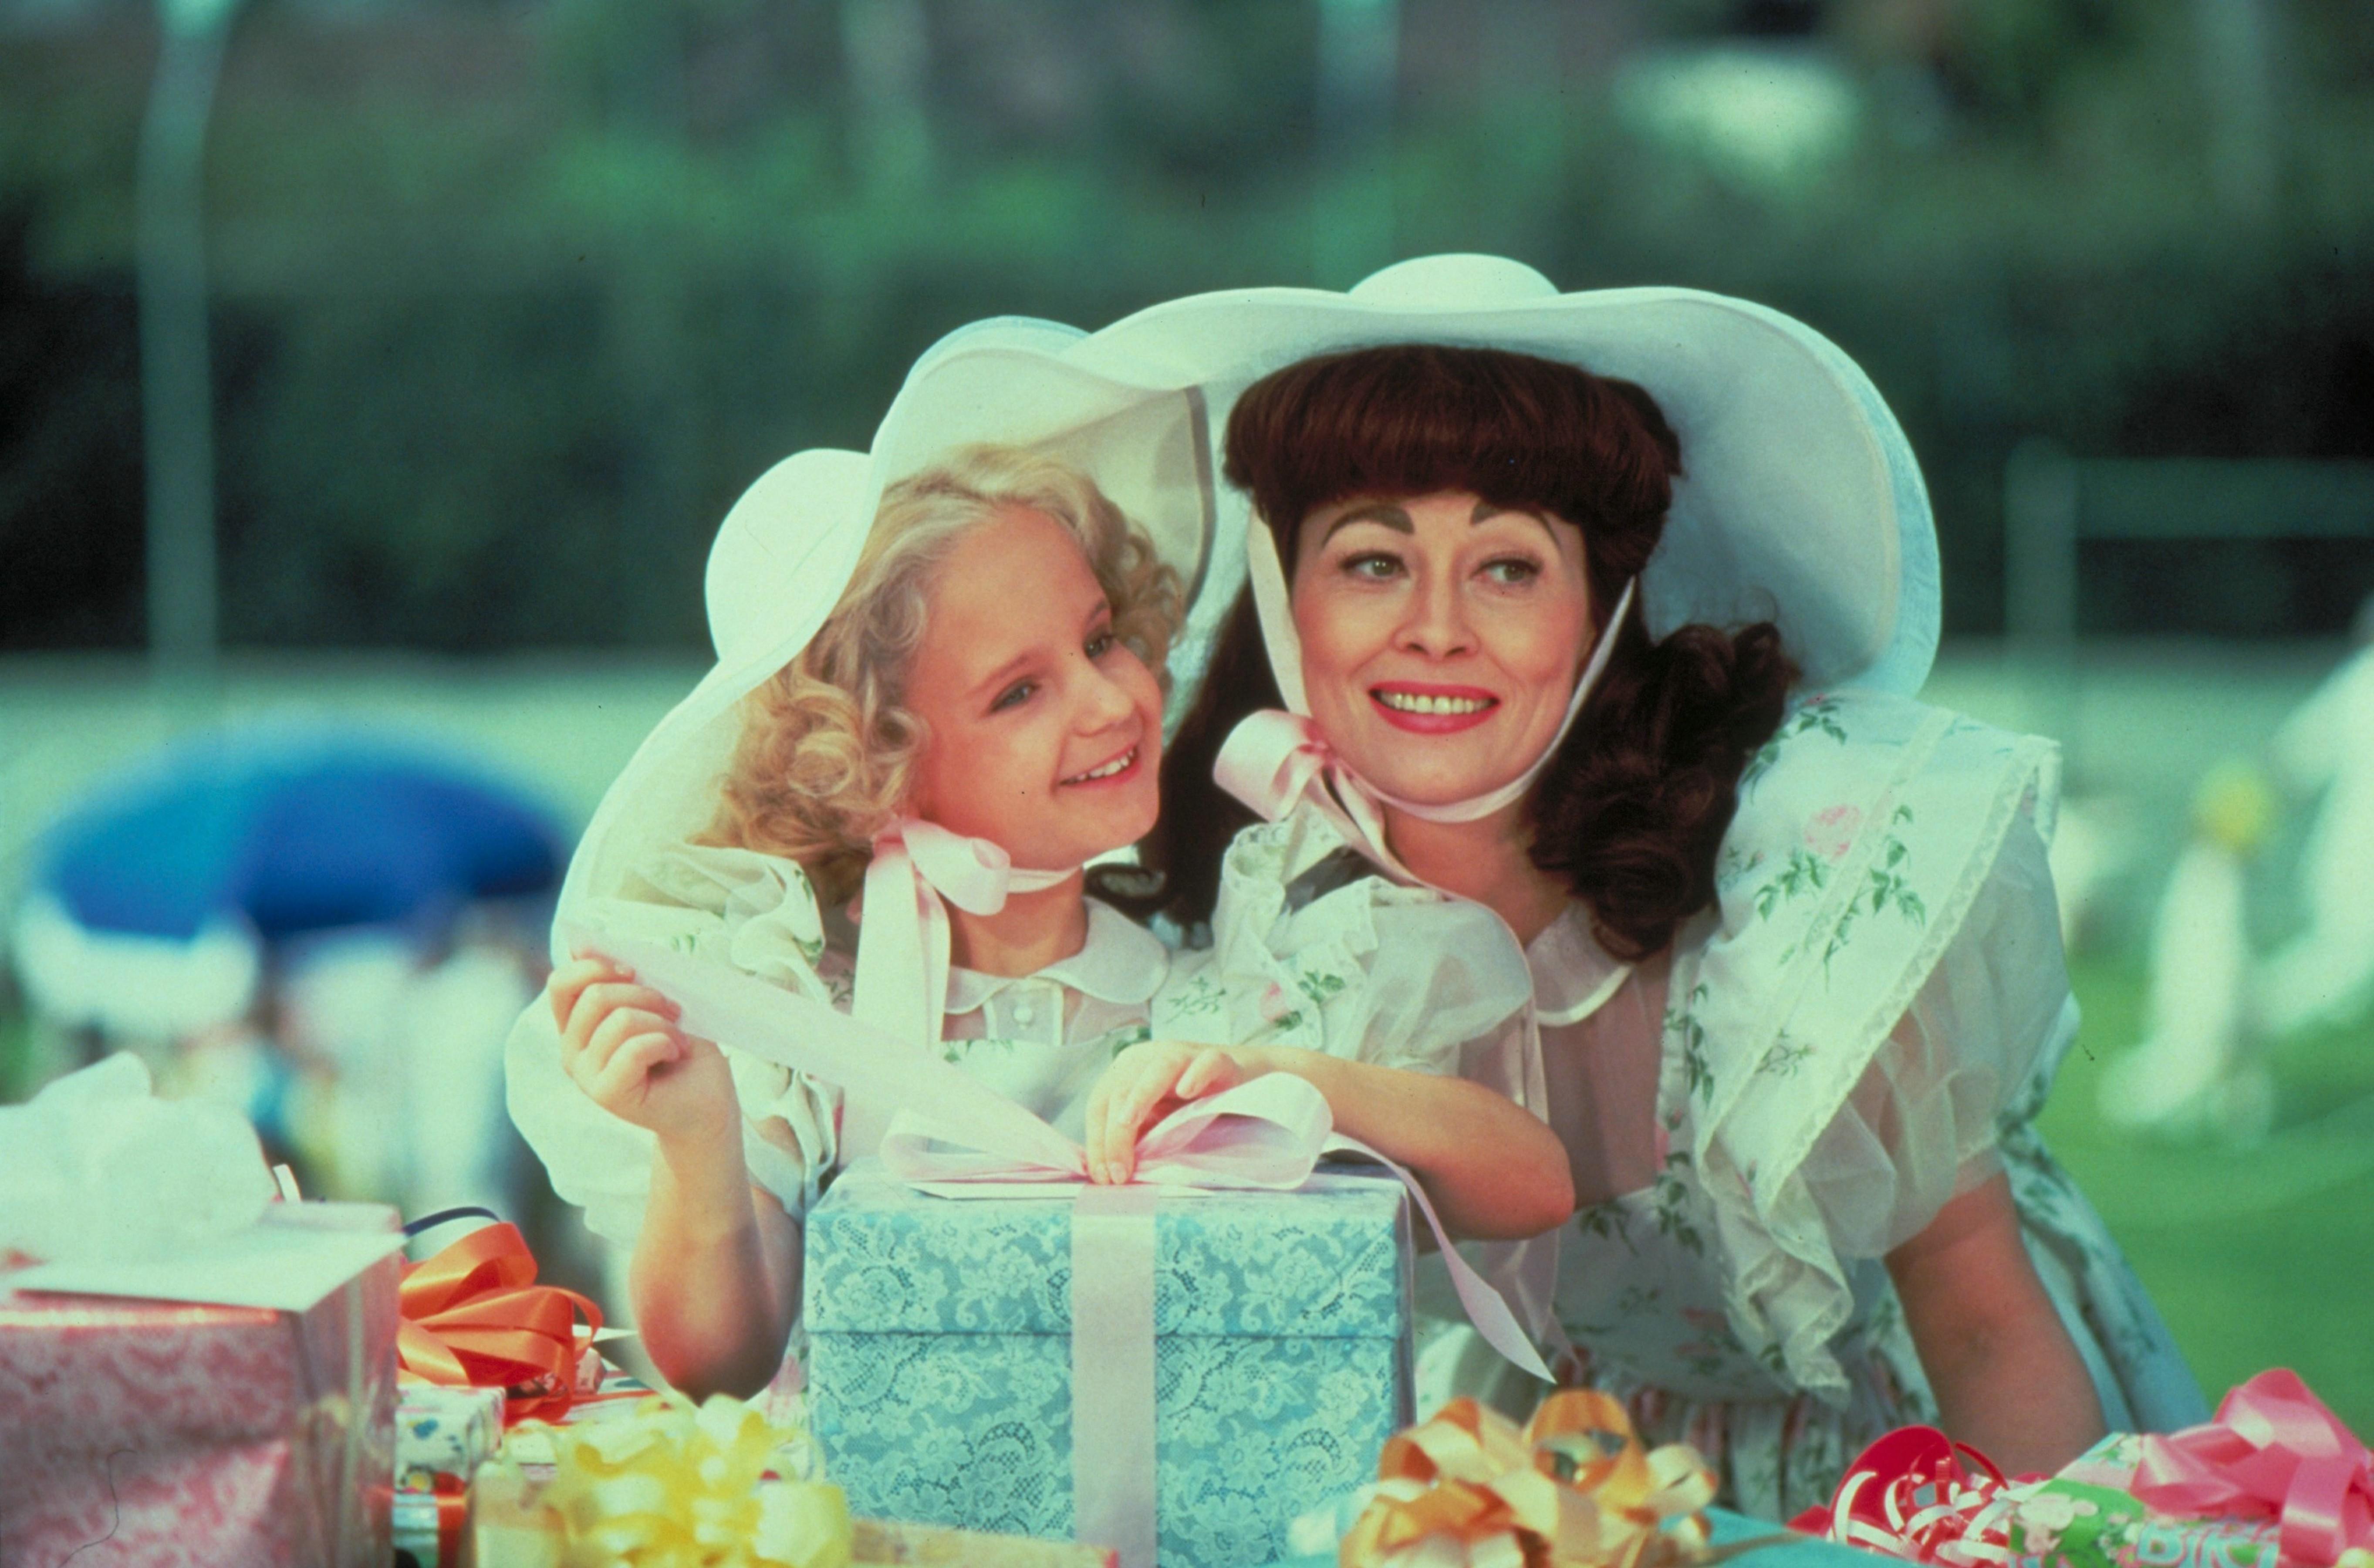 Faye Dunaway and Mara Hobel in Mommie Dearest (1981)